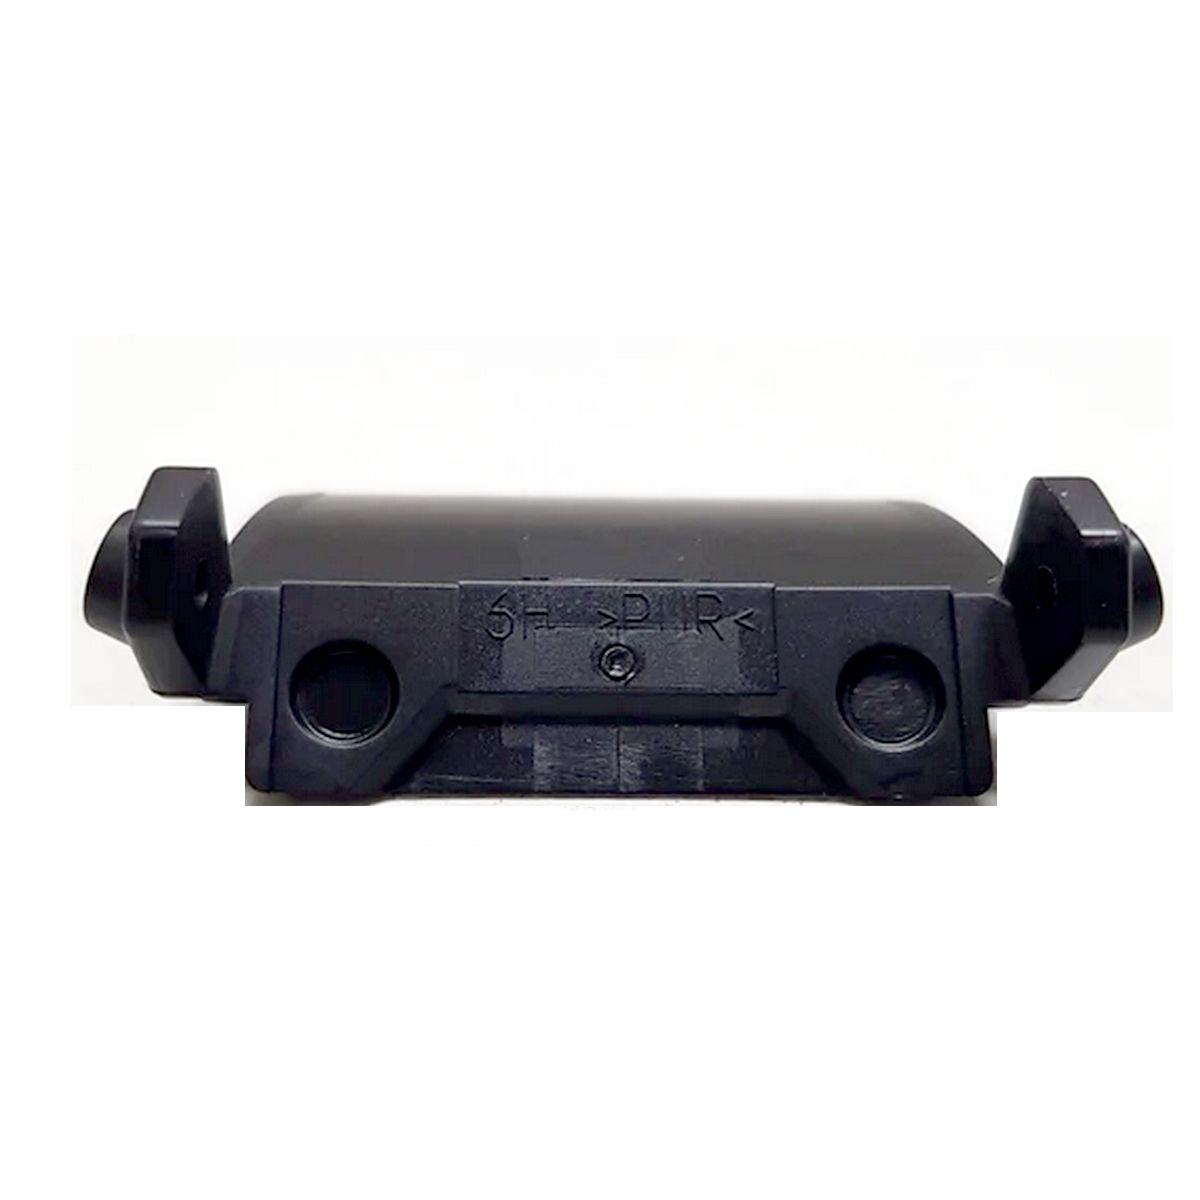 Protetor Casio G-Shock G-7900 / GW-7900 Protector Case Back Preto 6h  - E-Presentes